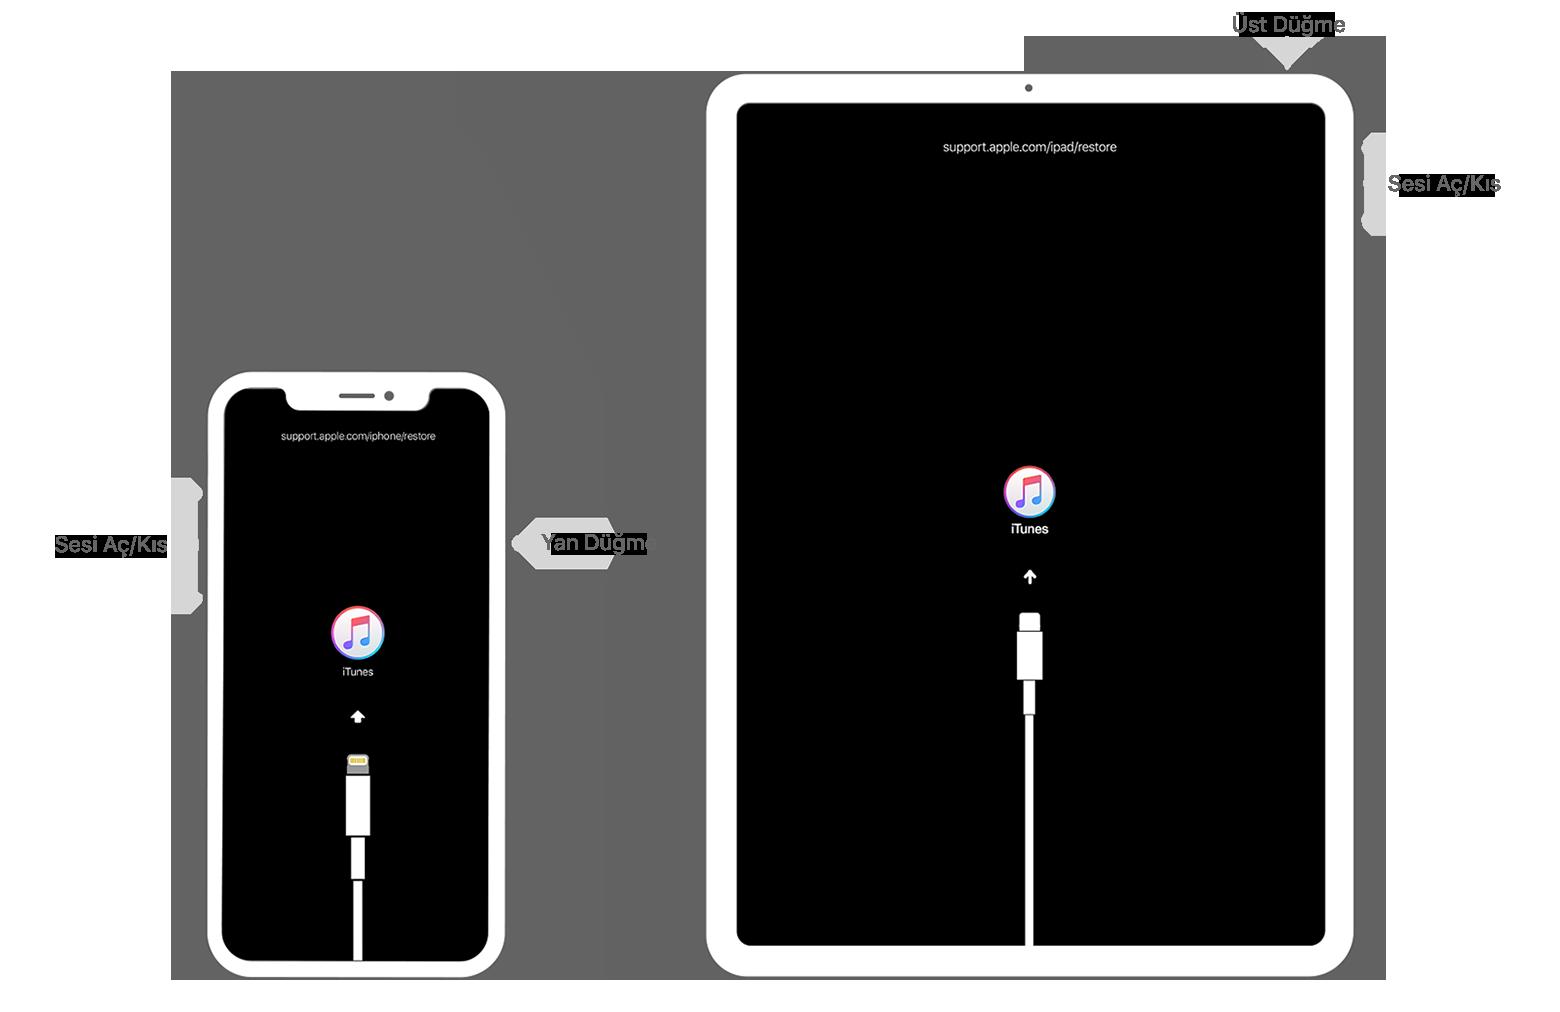 iPhone, iPad veya iPod touch'ınızın parolasını unuttuysanız veya